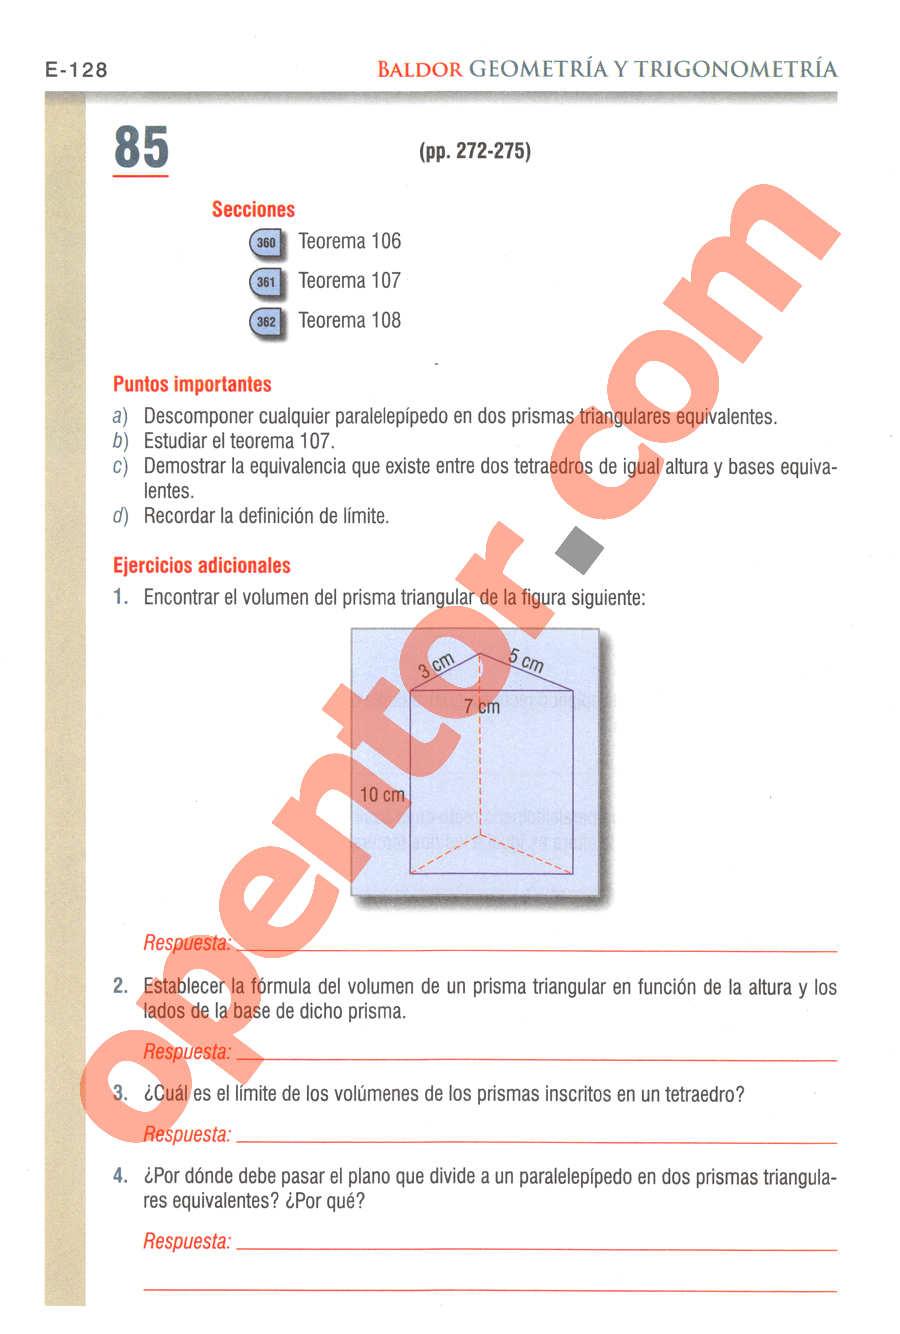 Geometría y Trigonometría de Baldor - Página E128